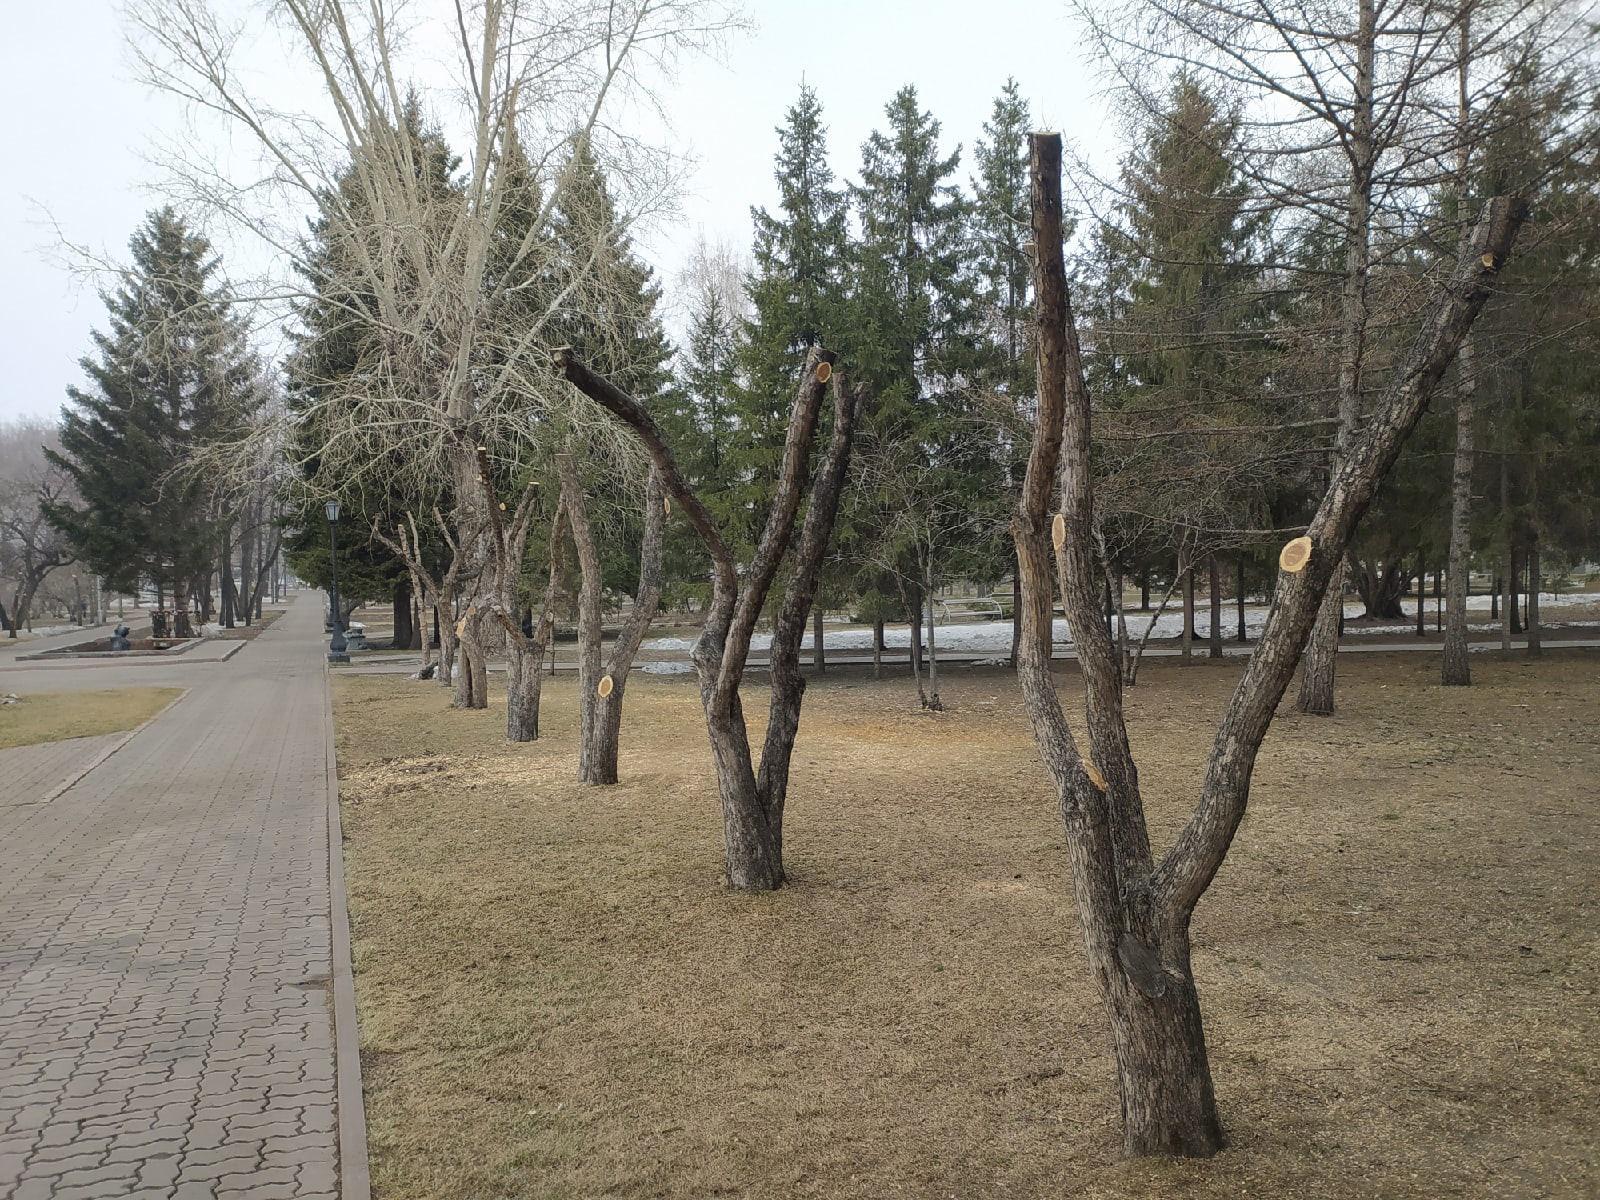 фото В Первомайском сквере Новосибирска обрезали деревья – как в фильме ужасов 2